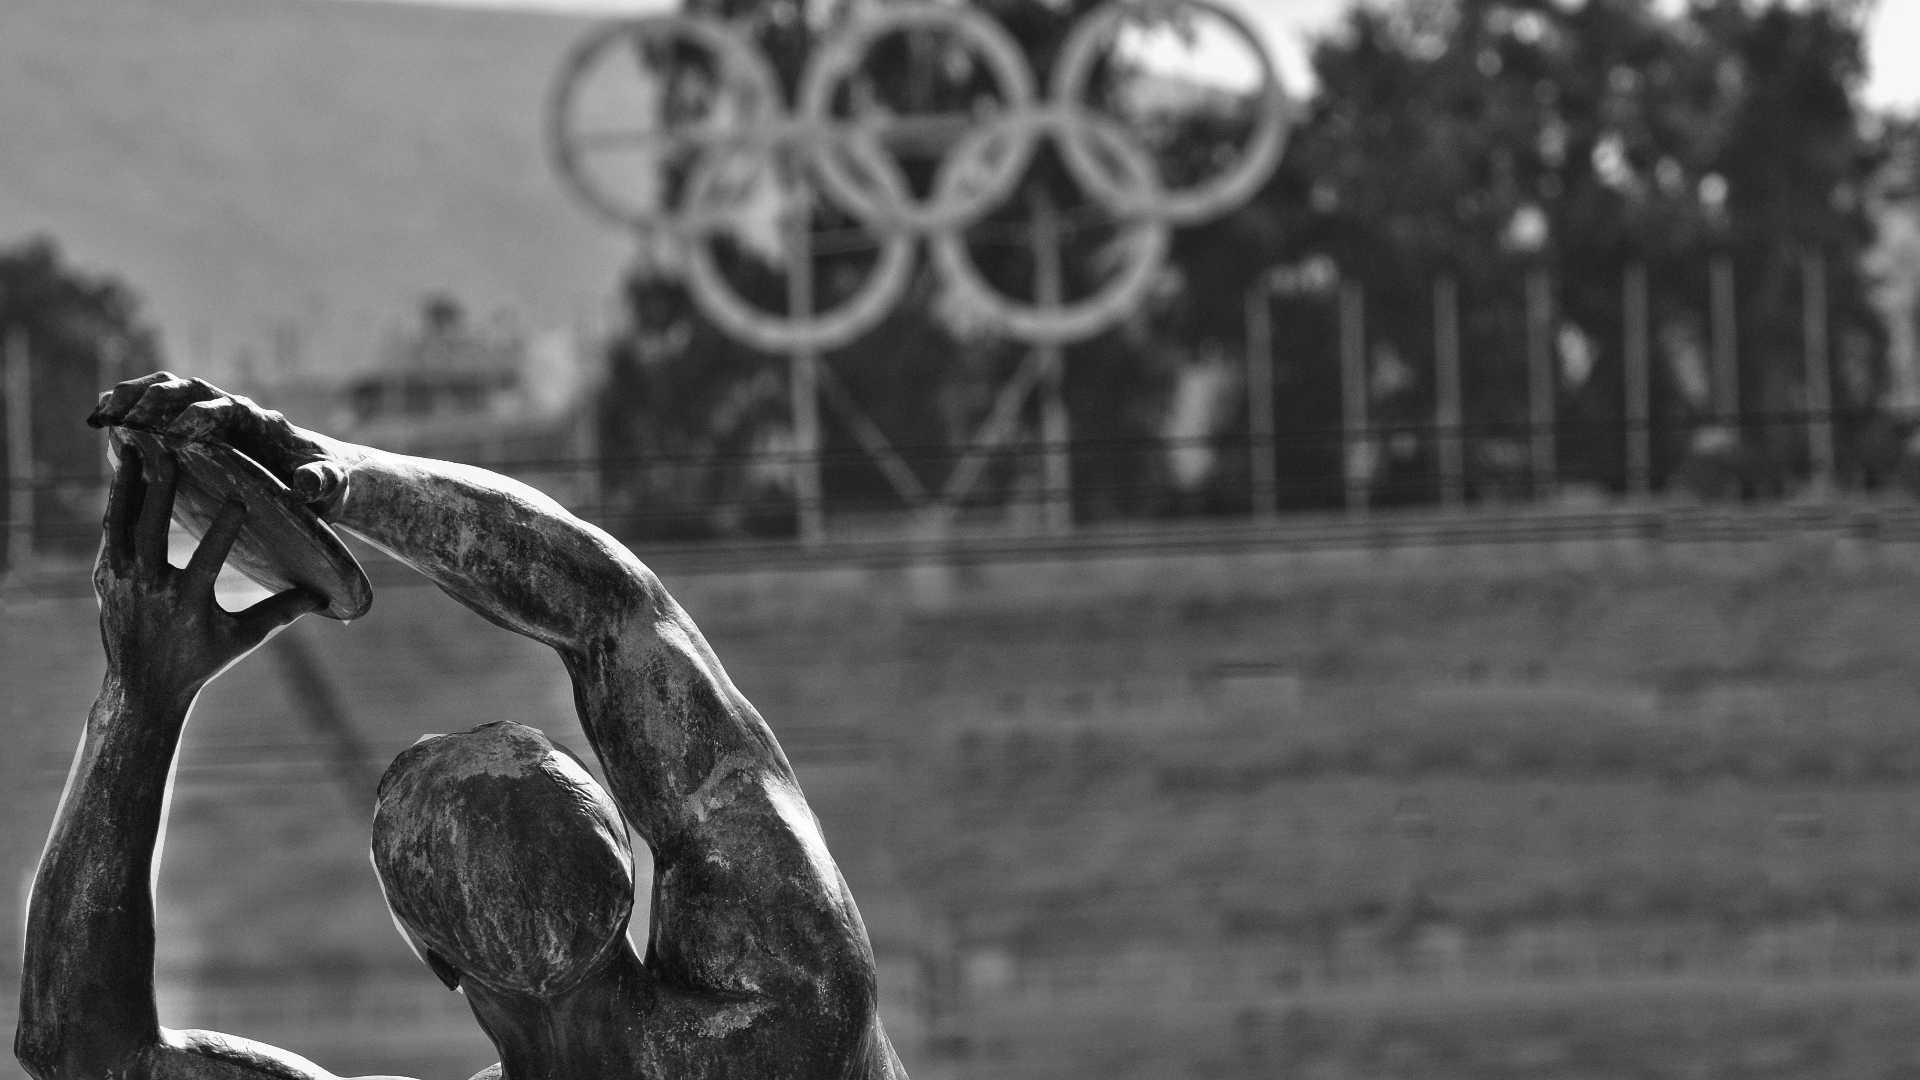 Historia de los Juegos Olímpicos por Diana Uribe